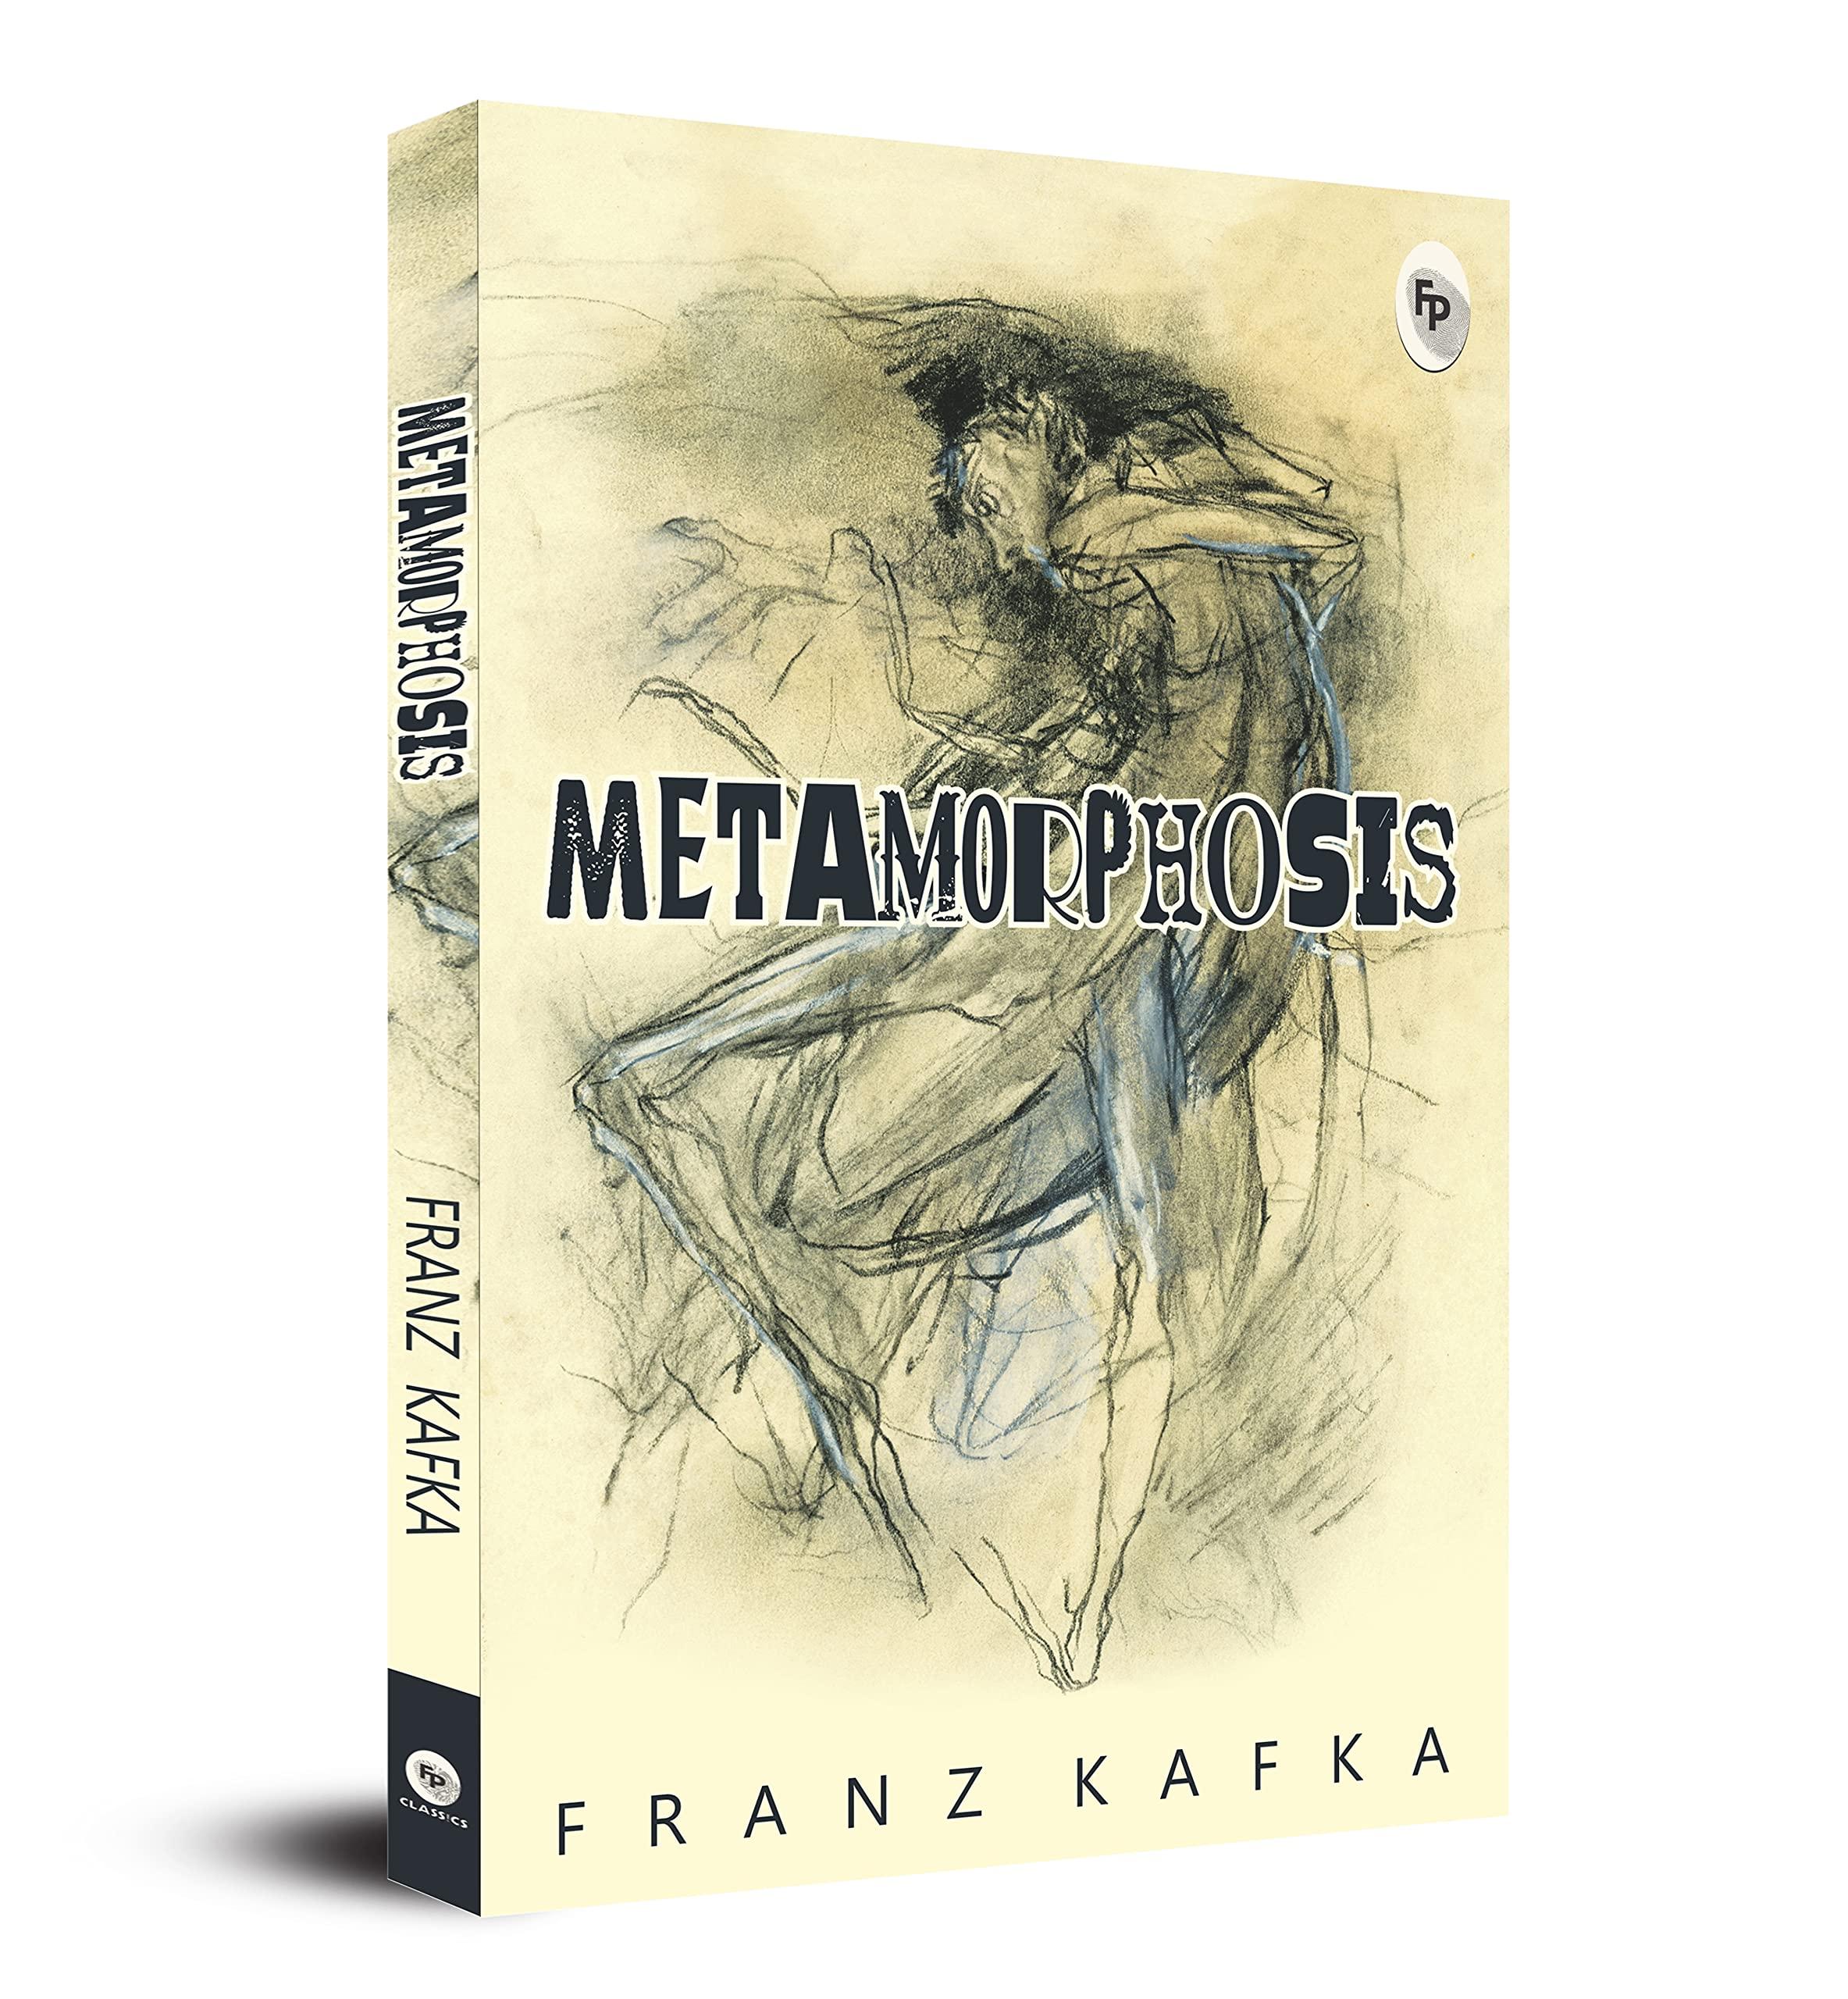 Buy Metamorphosis Book Online at Low Prices in India   Metamorphosis  Reviews & Ratings - Amazon.in